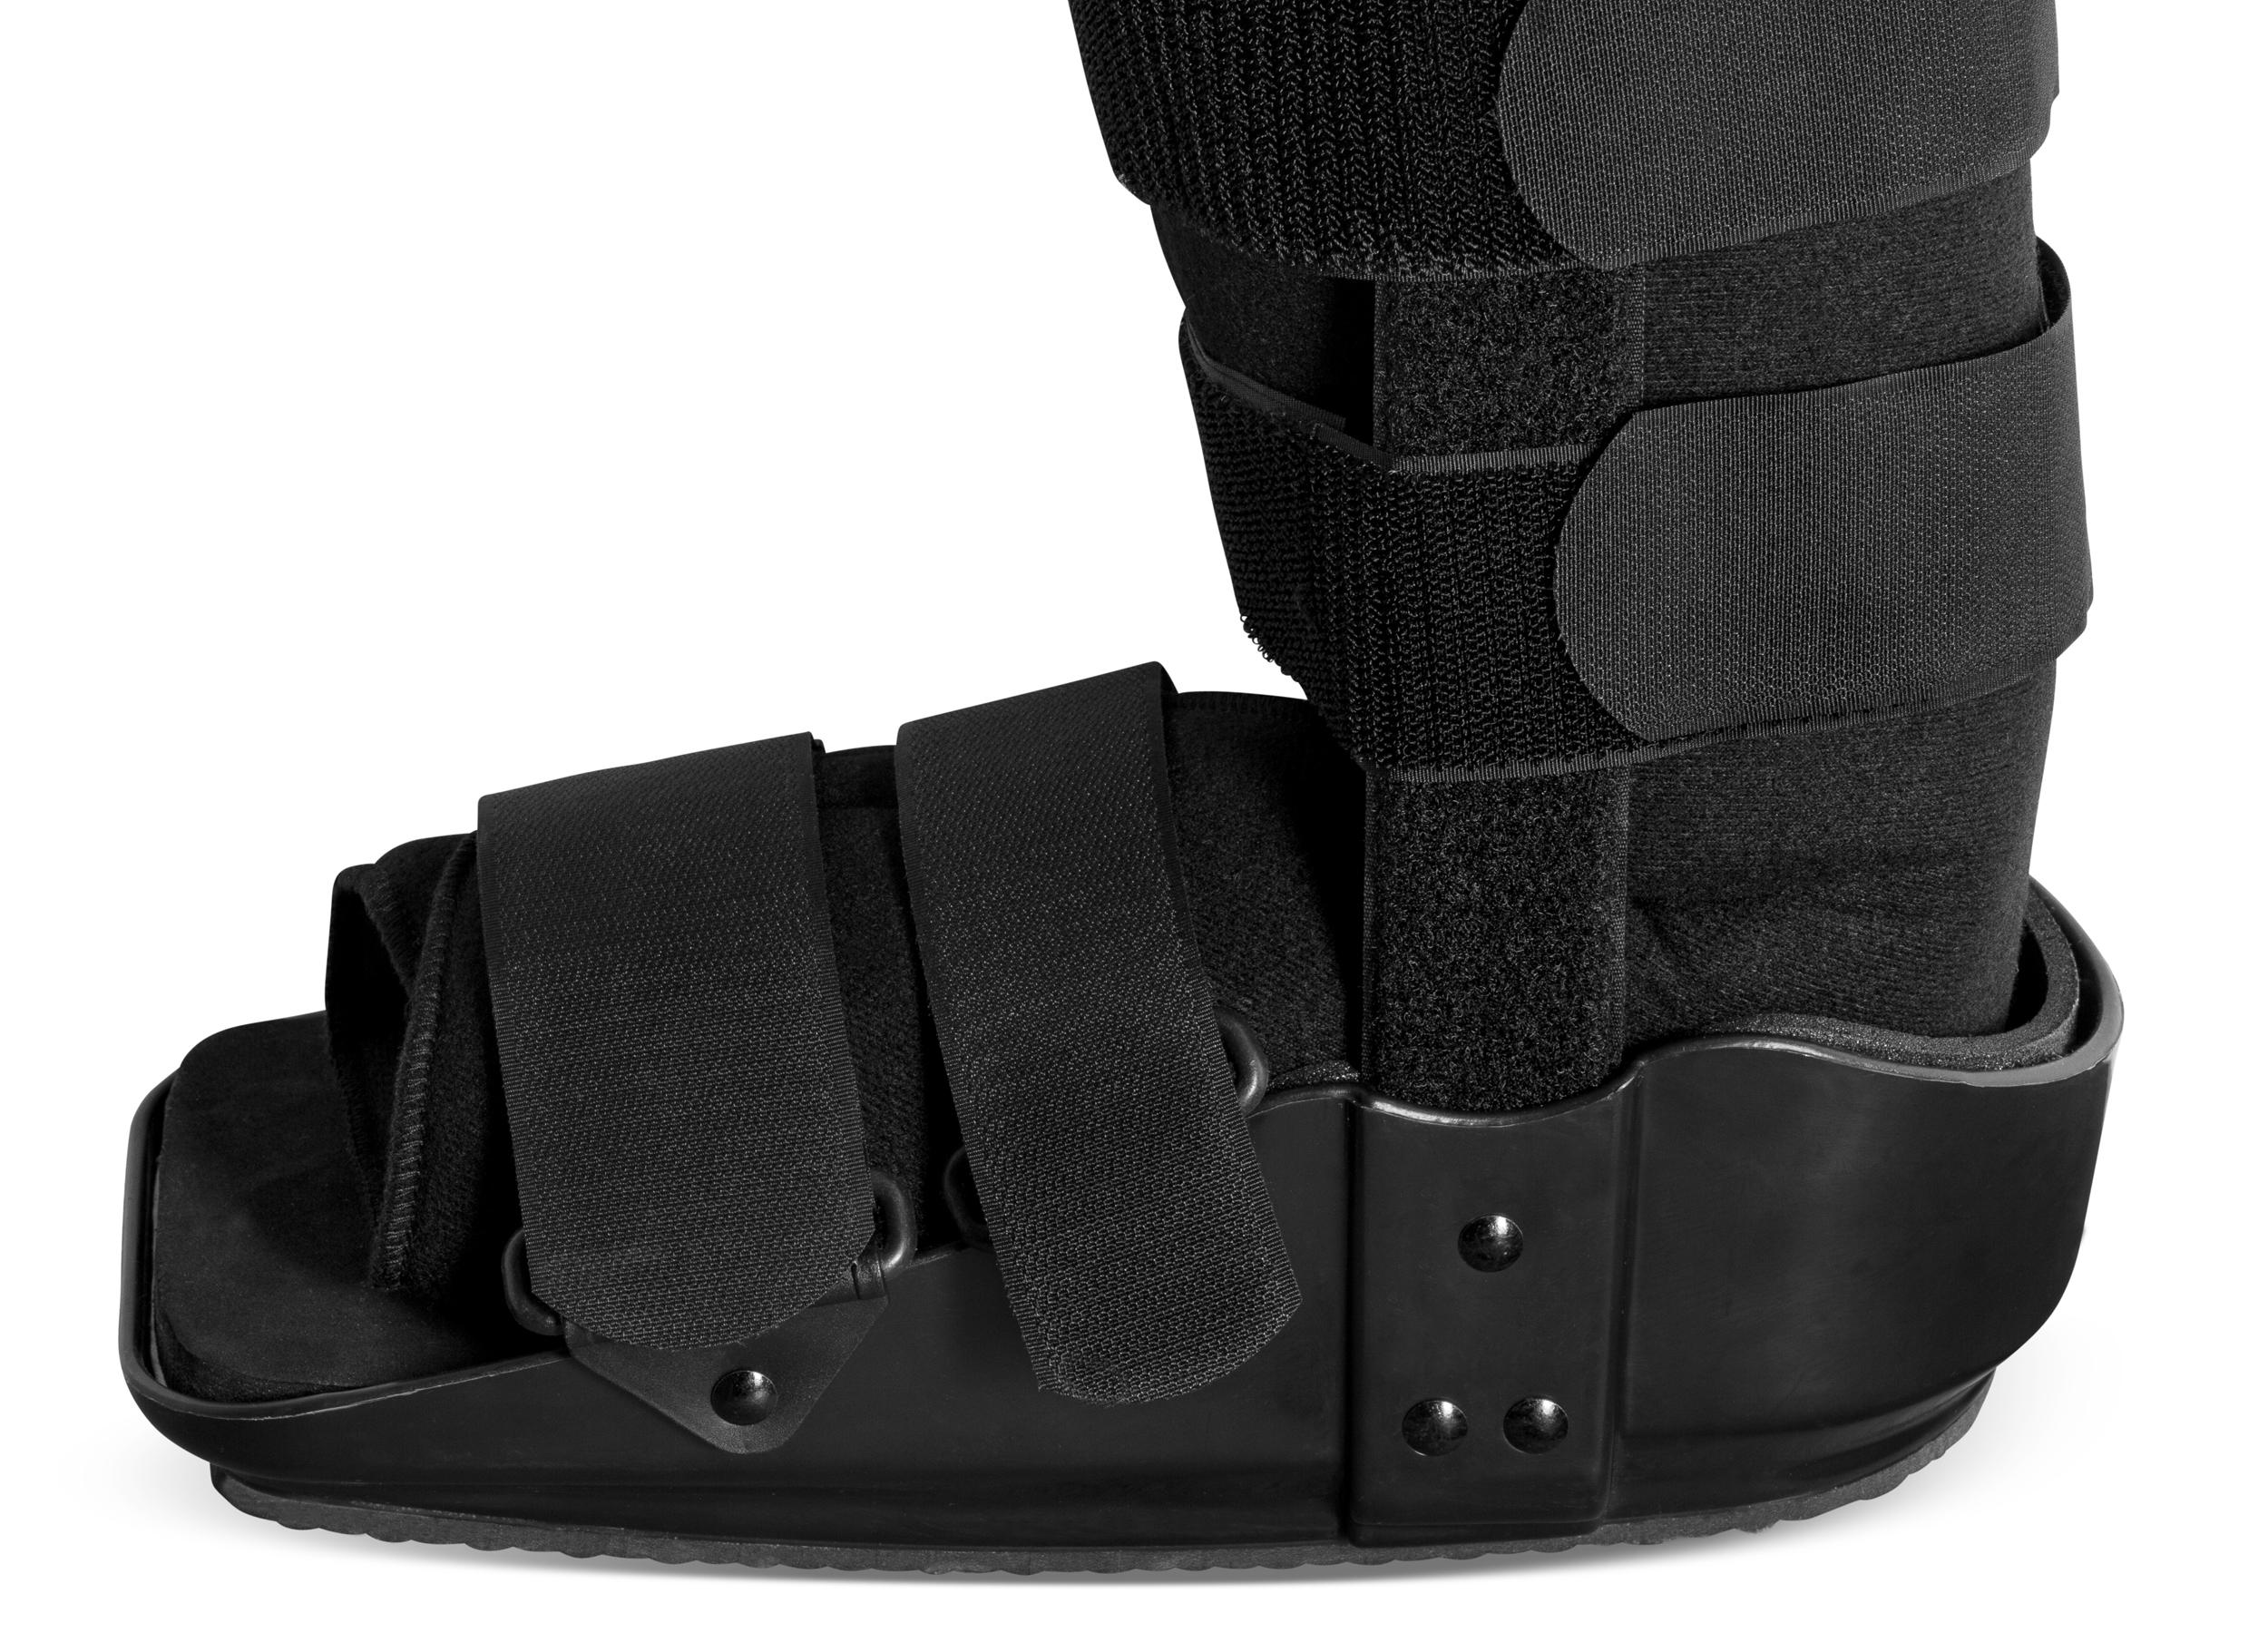 air walker boot instructions